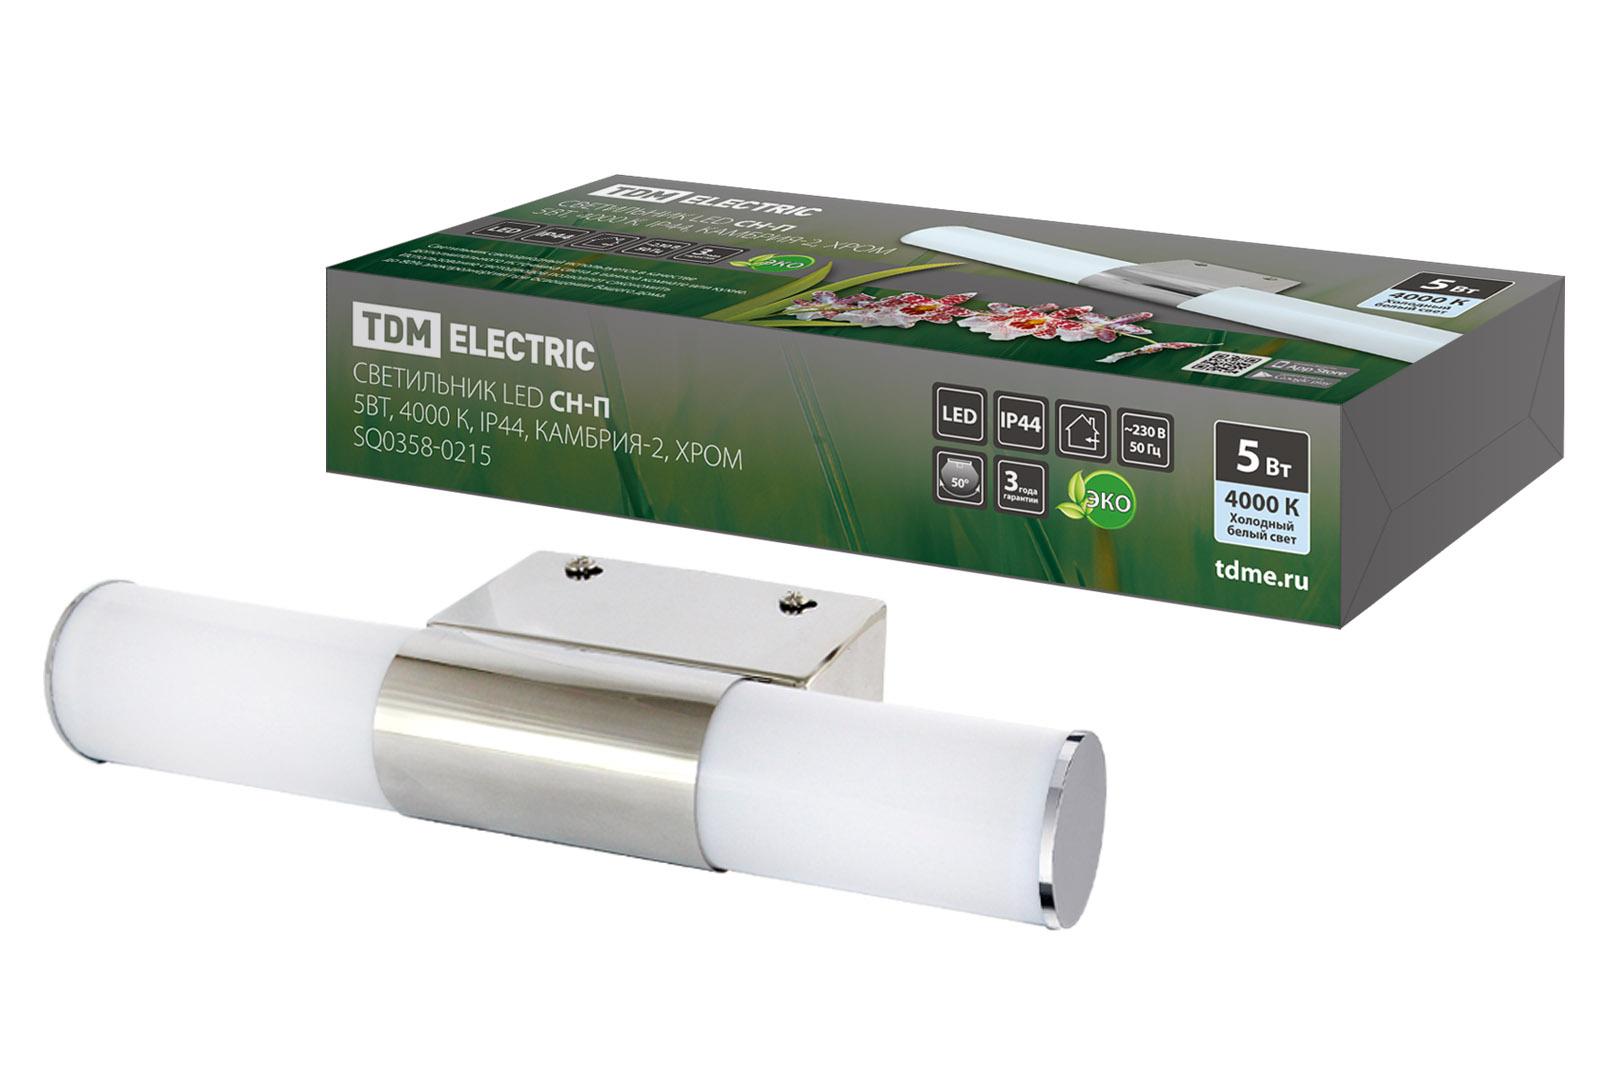 Фото Светильник LED CH-П 5Вт, 4000 К, IP44, Камбрия-2, хром TDM {SQ0358-0215}